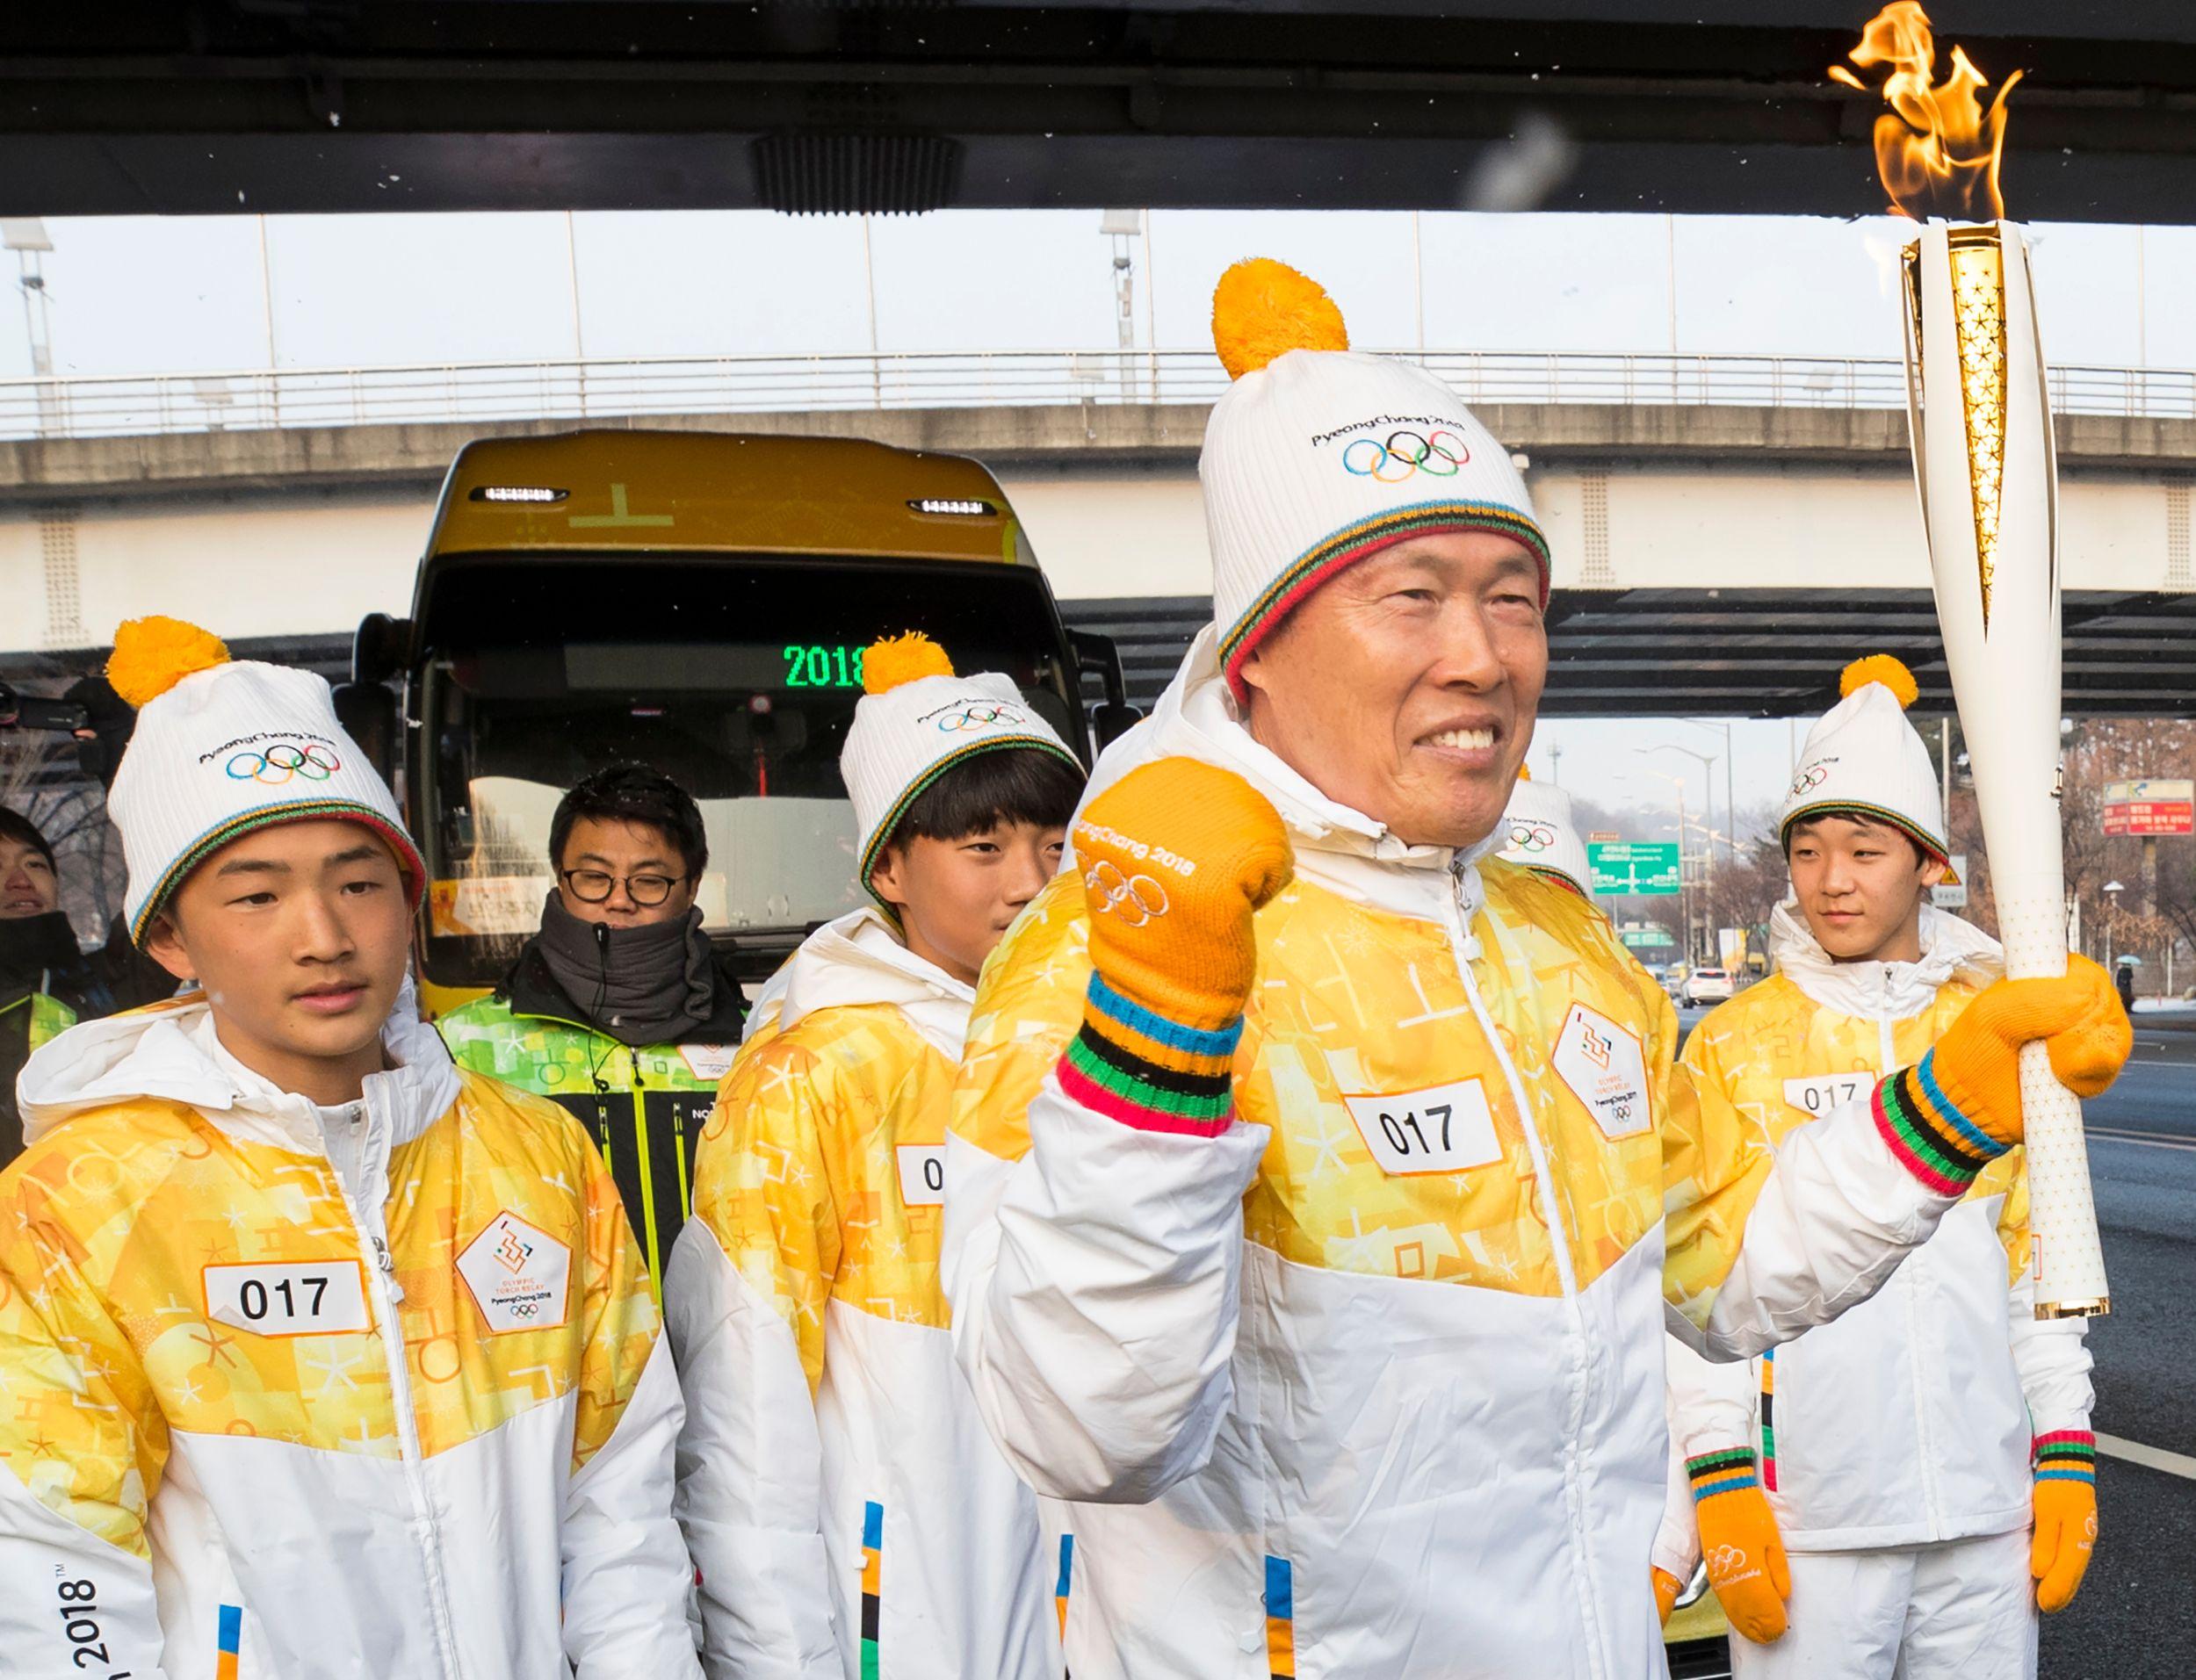 أحد الرياضيين فى كوريا الجنوبية يحمل الشعلة الأولمبية